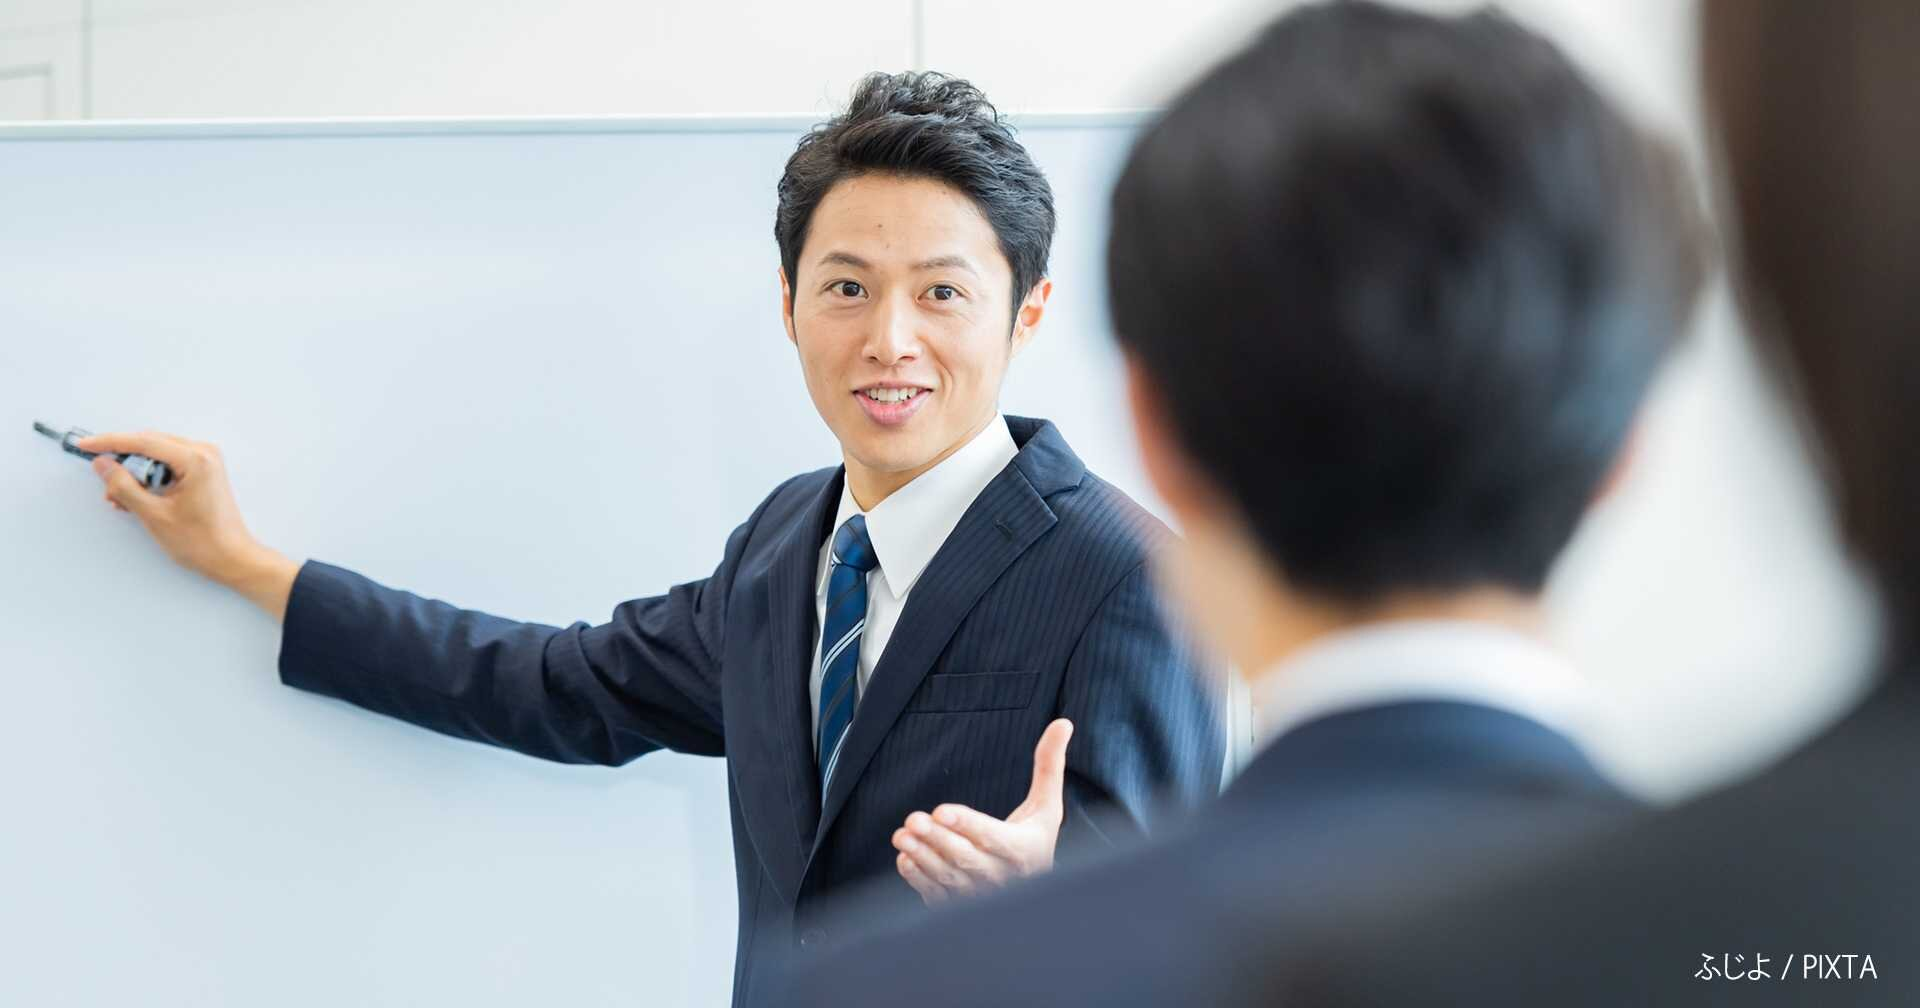 人事評価研修(考課者訓練)とは? その課題や効果的なプログラムは?